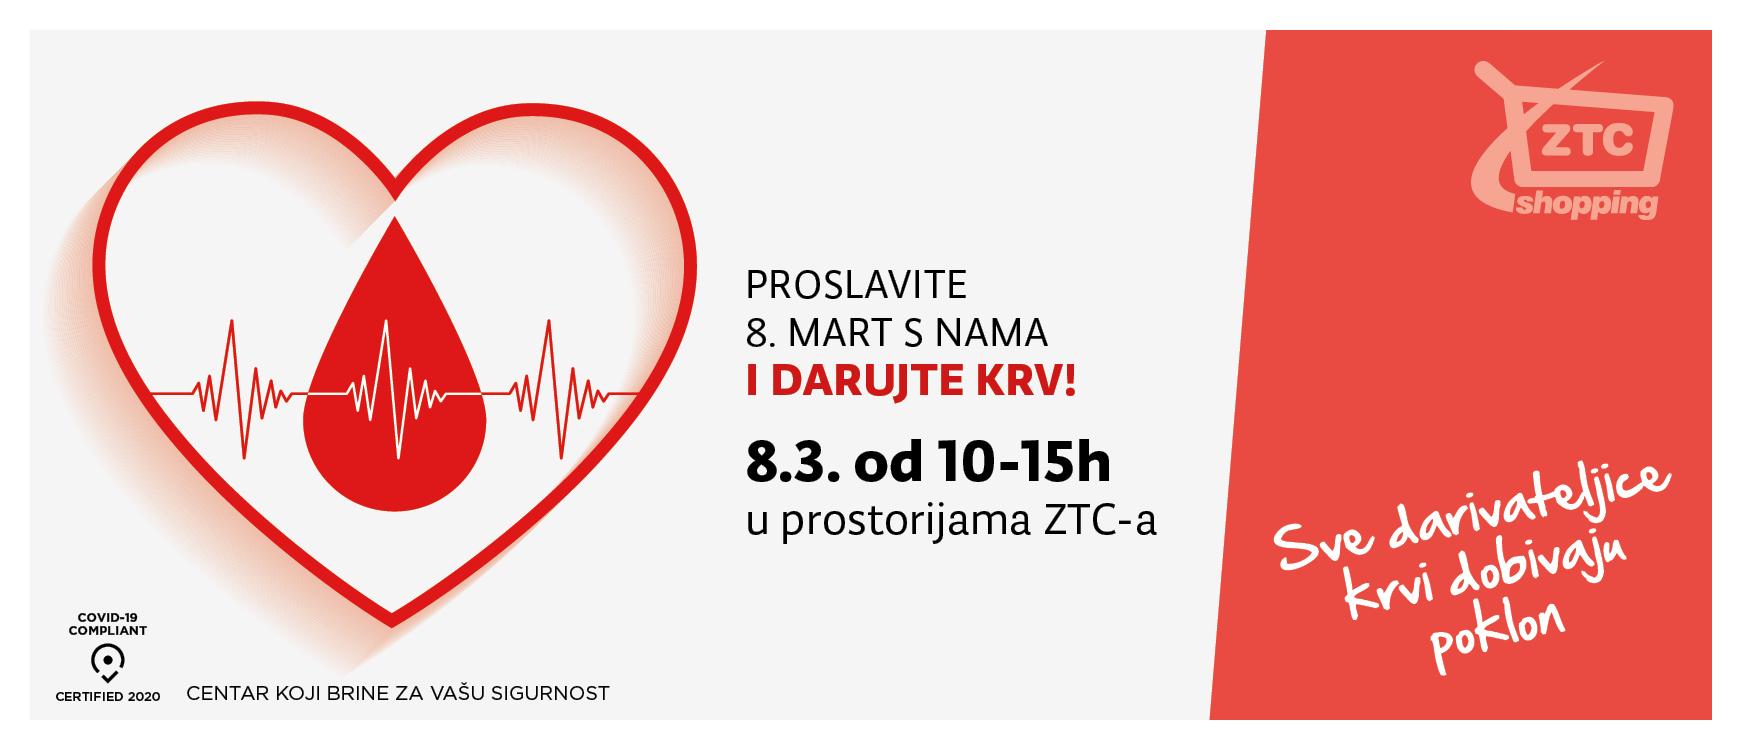 Proslavite 8. mart u ZTC-u i darujte krv!